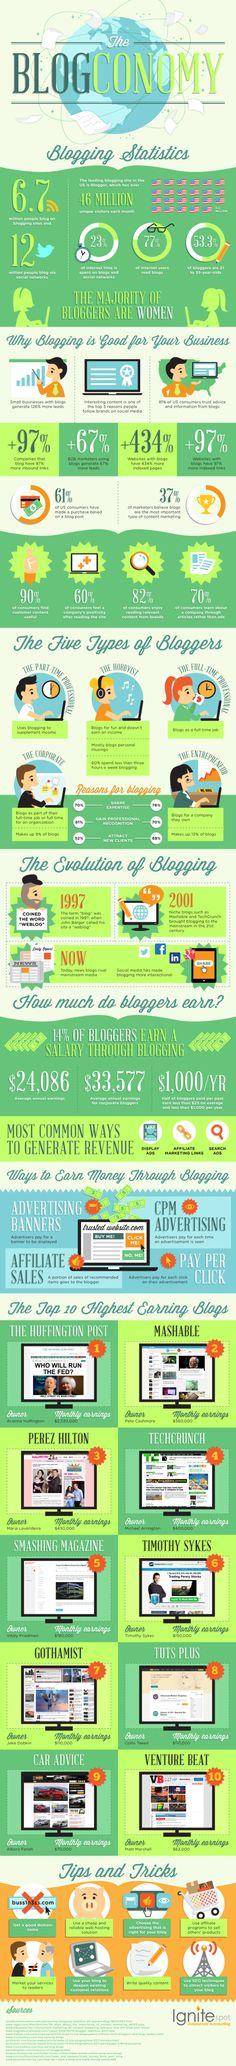 Da solo il blog non basta, una strategia di content marketing è molto più ampia , e necessita di un sistema di diffusione efficace. Ecco perché.